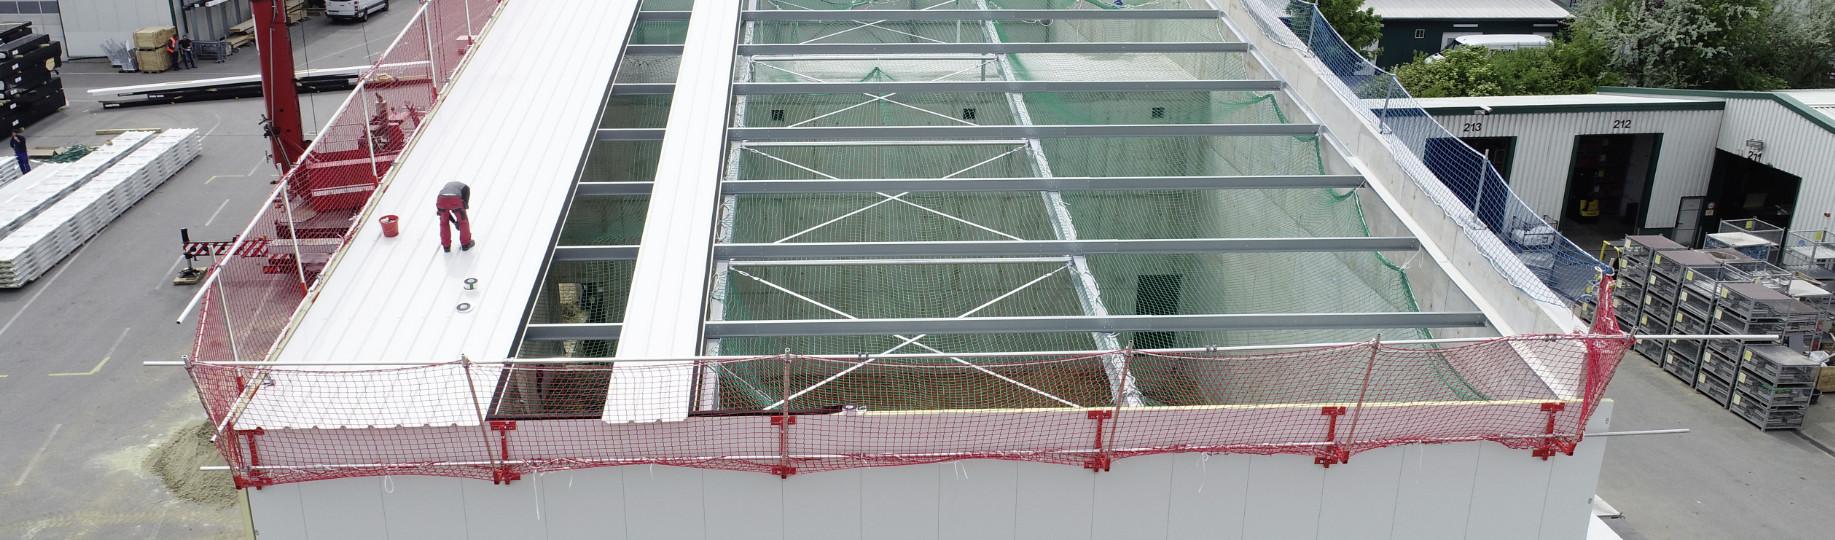 Seitenschutz an Hallenneubau mit Befestigung an Dachkante und Fassade